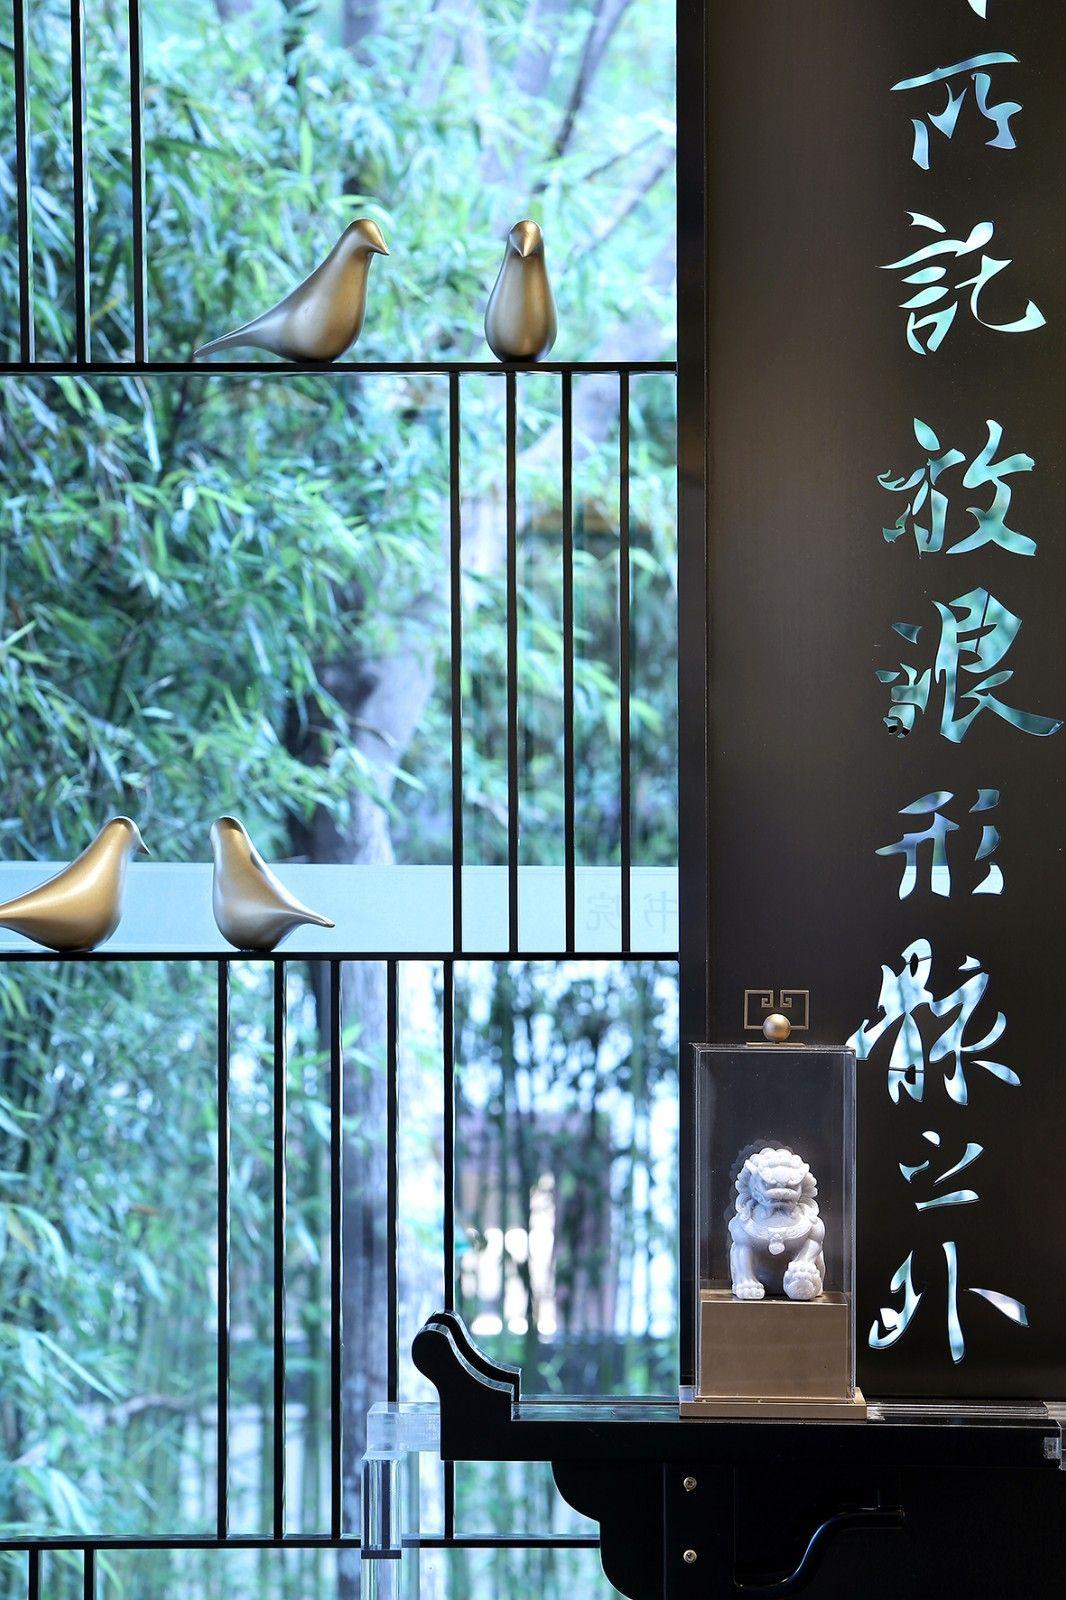 天印地砚,墨韵书香-燕西书院售楼中心&样板间 | 天鼓装饰设计